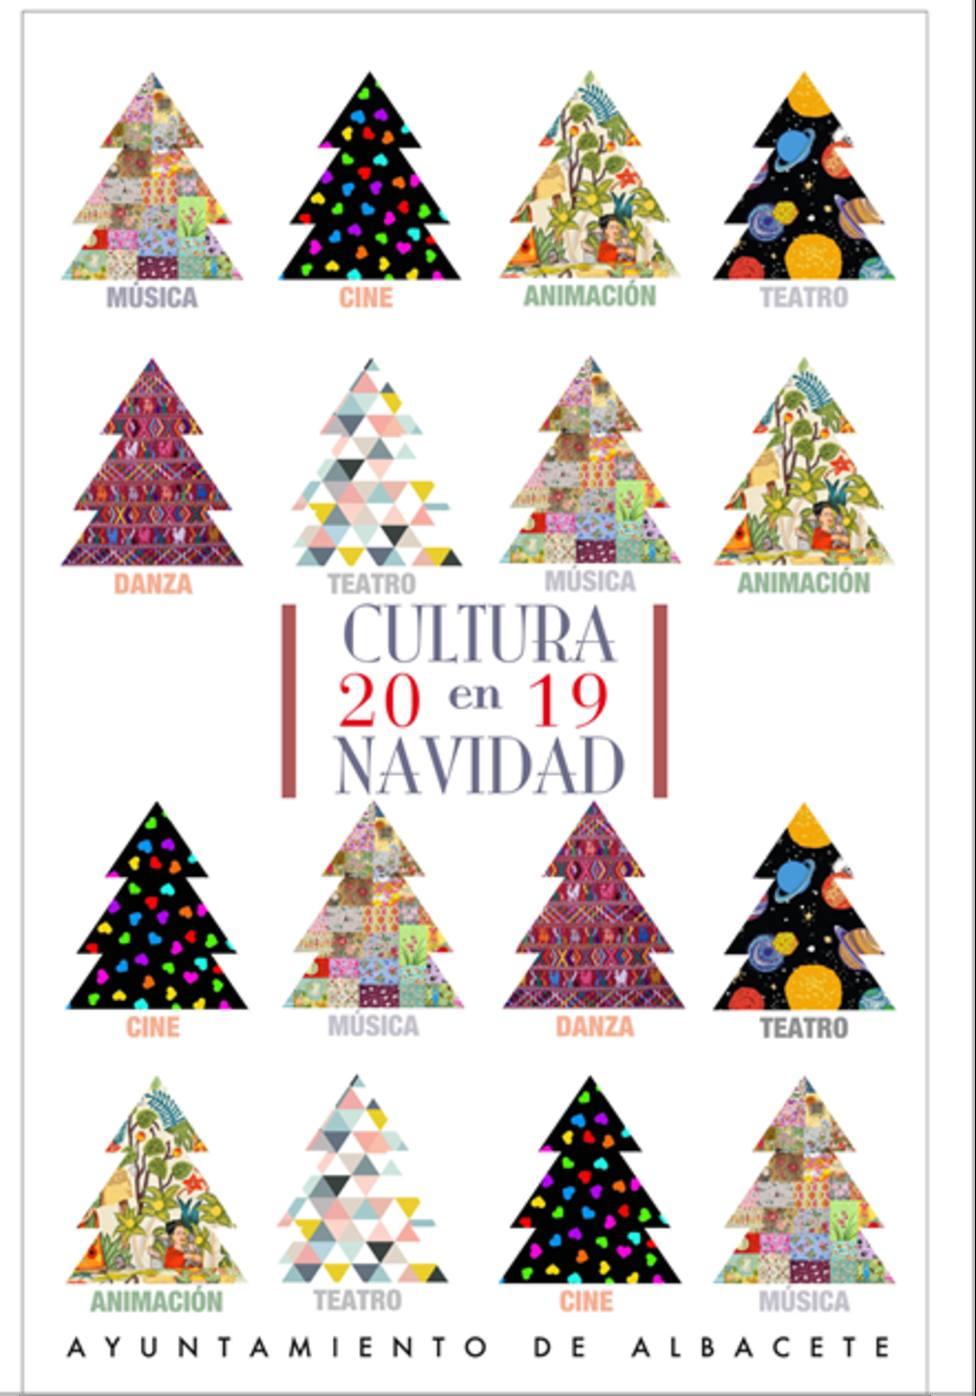 Espectáculos y mucha cultura en la navidad de Albacete